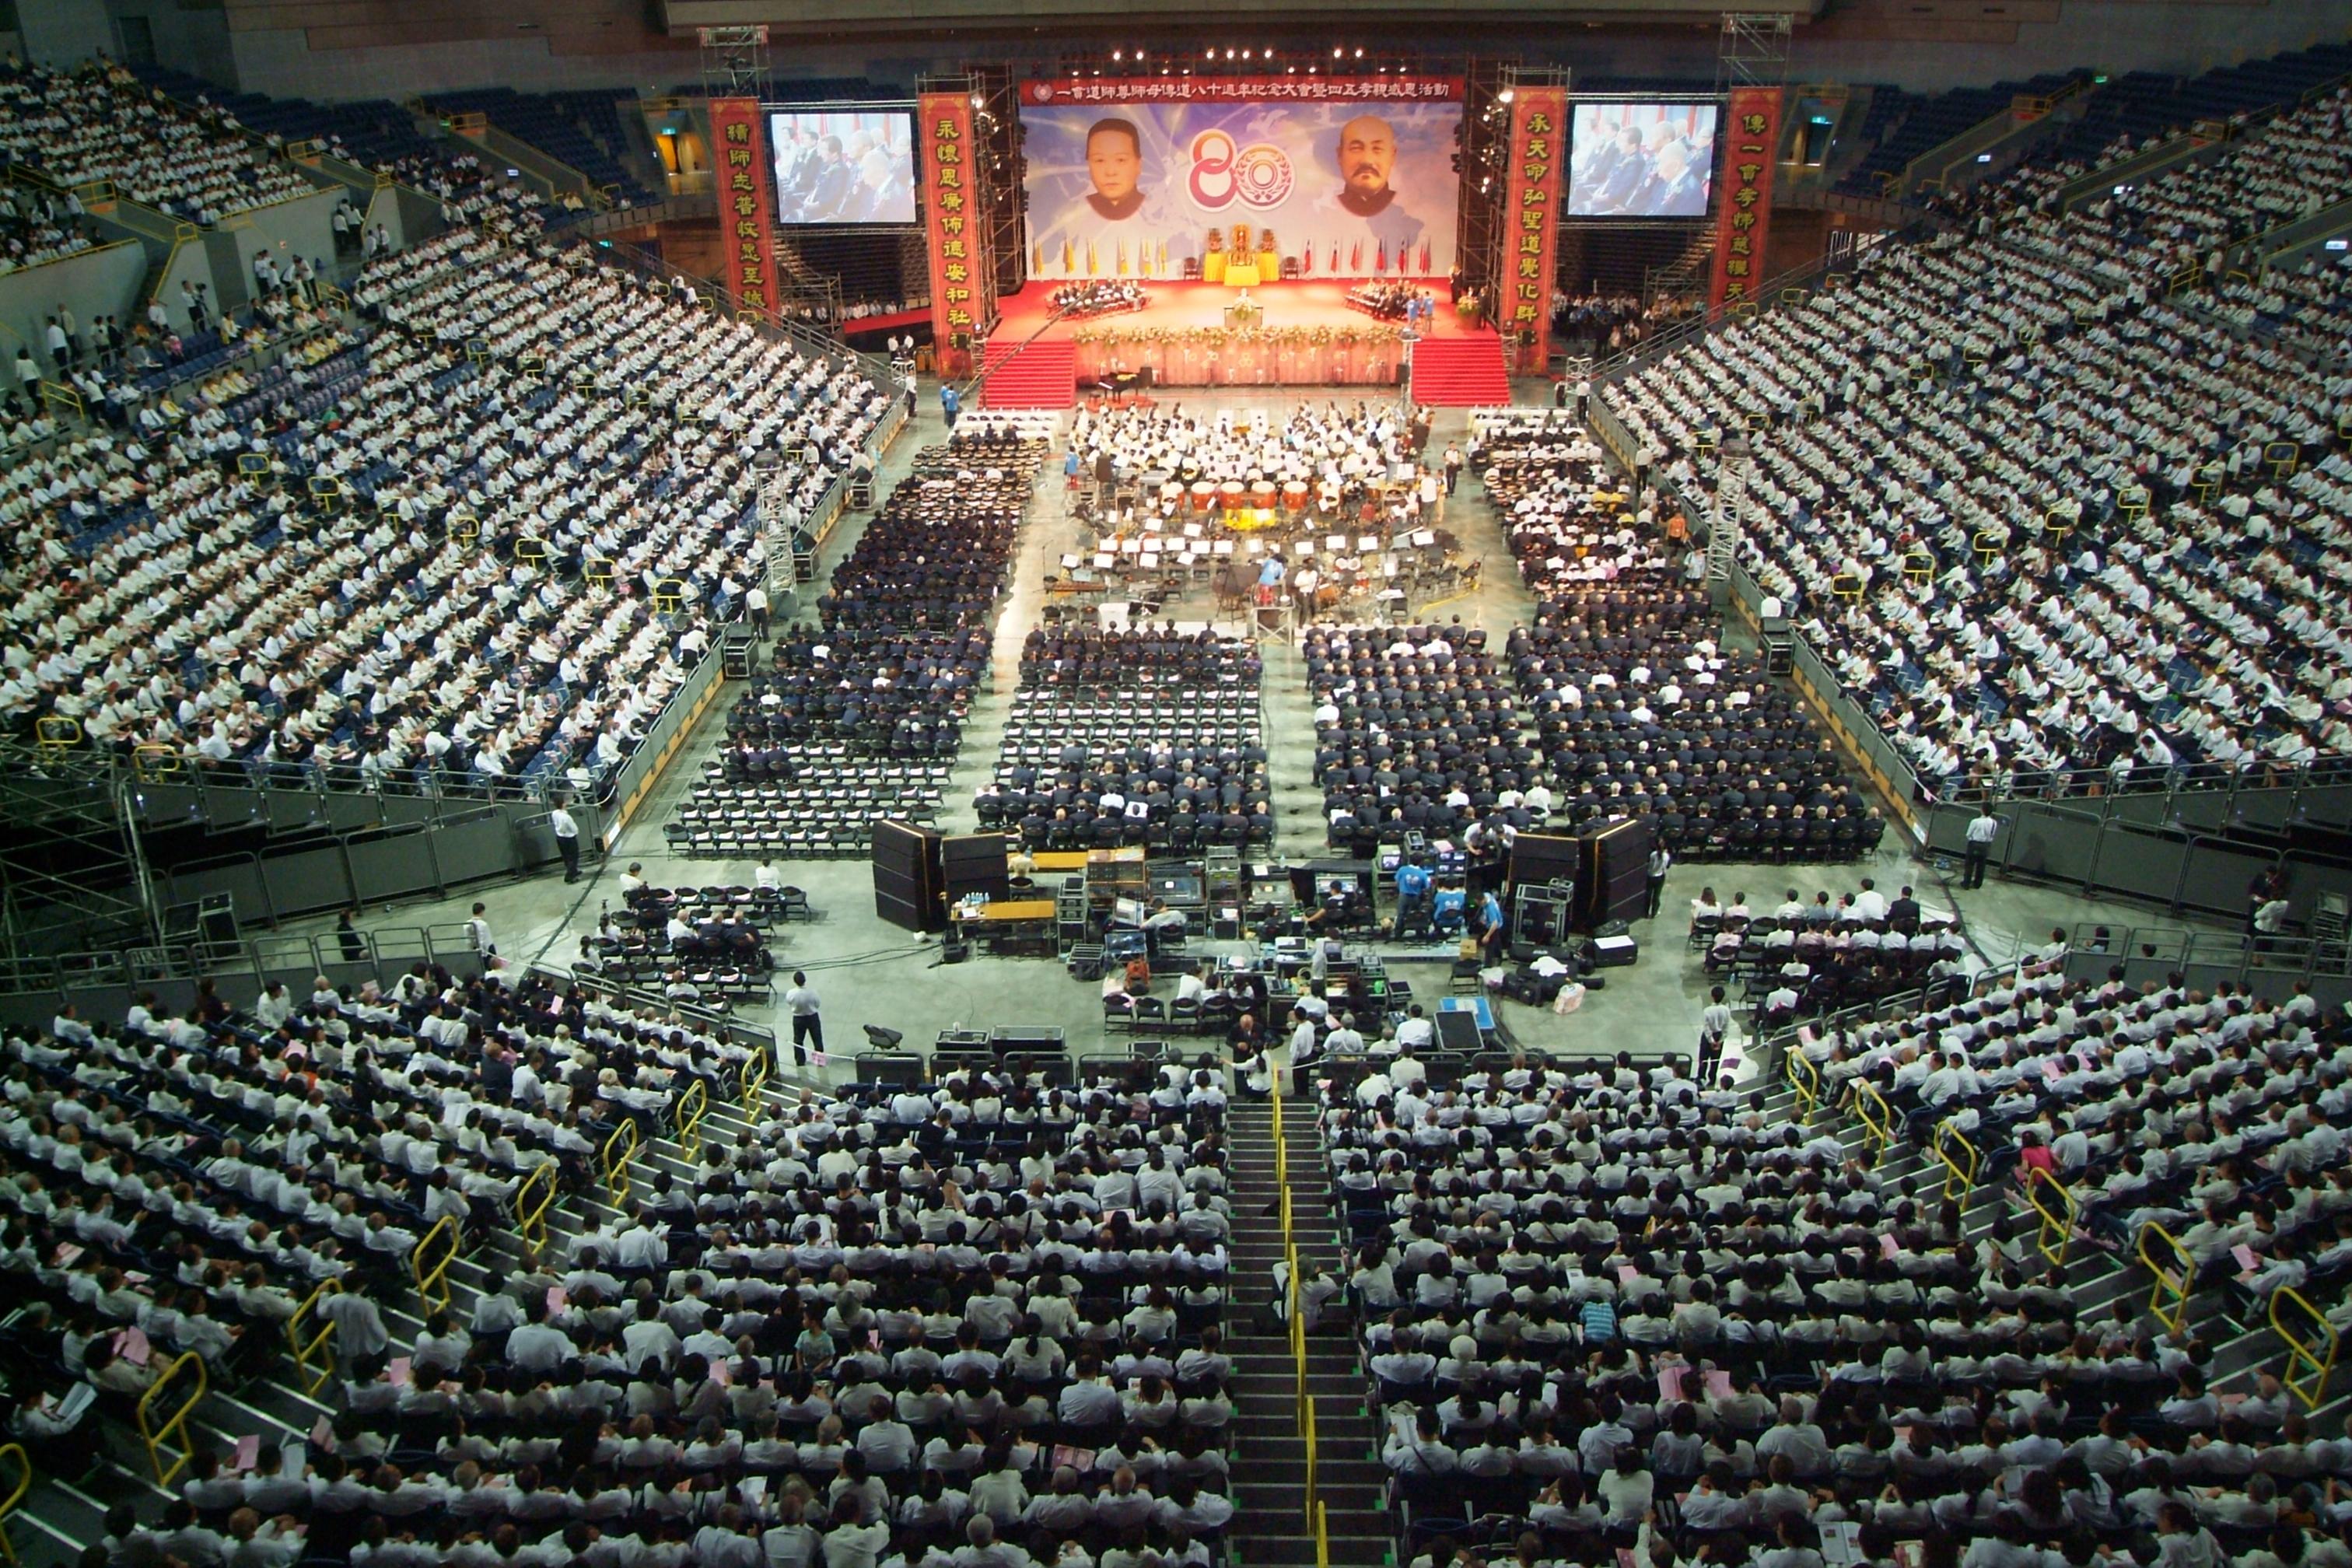 師尊師母傳道80 週年紀念大會暨45 孝親感恩活動 於高雄巨蛋舉行